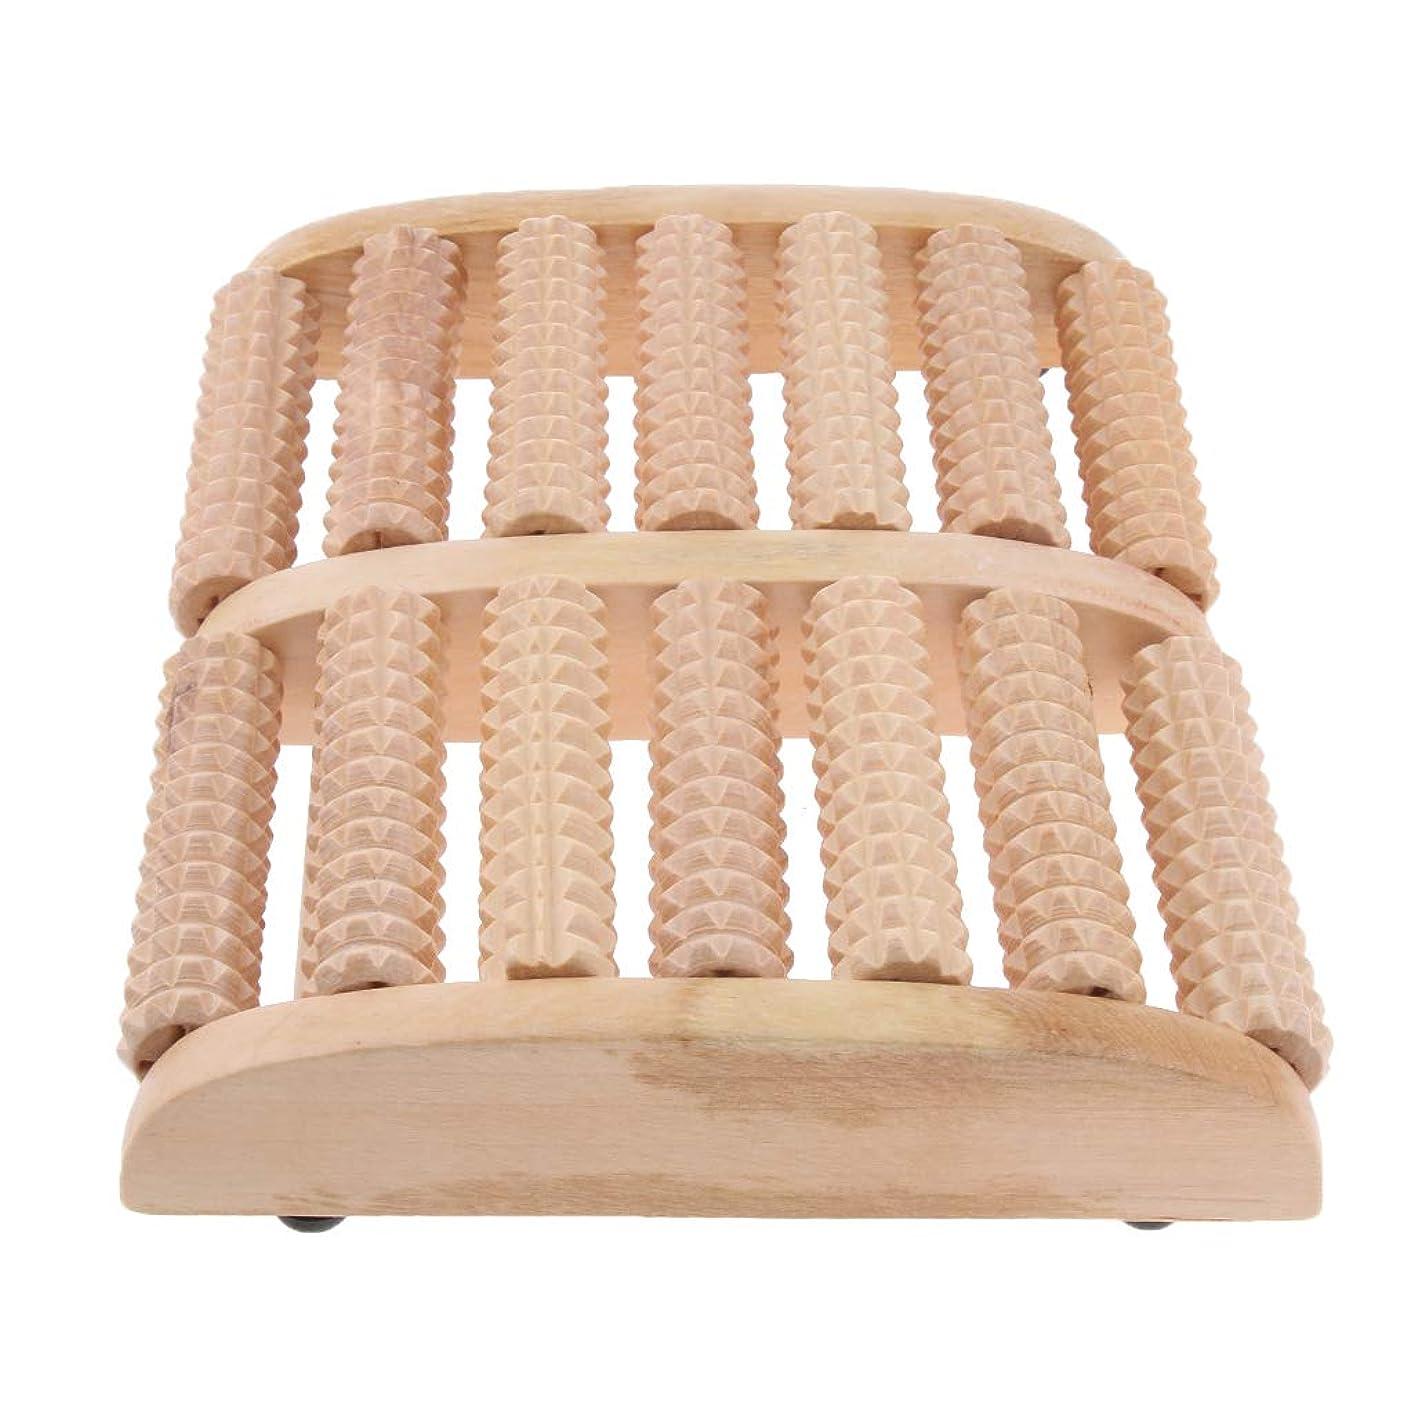 とげのある魔術座標IPOTCH マッサージローラー 7行 自然木製 足踏み フットマッサージ ツボ押し 痛み緩和 健康器具 高品質